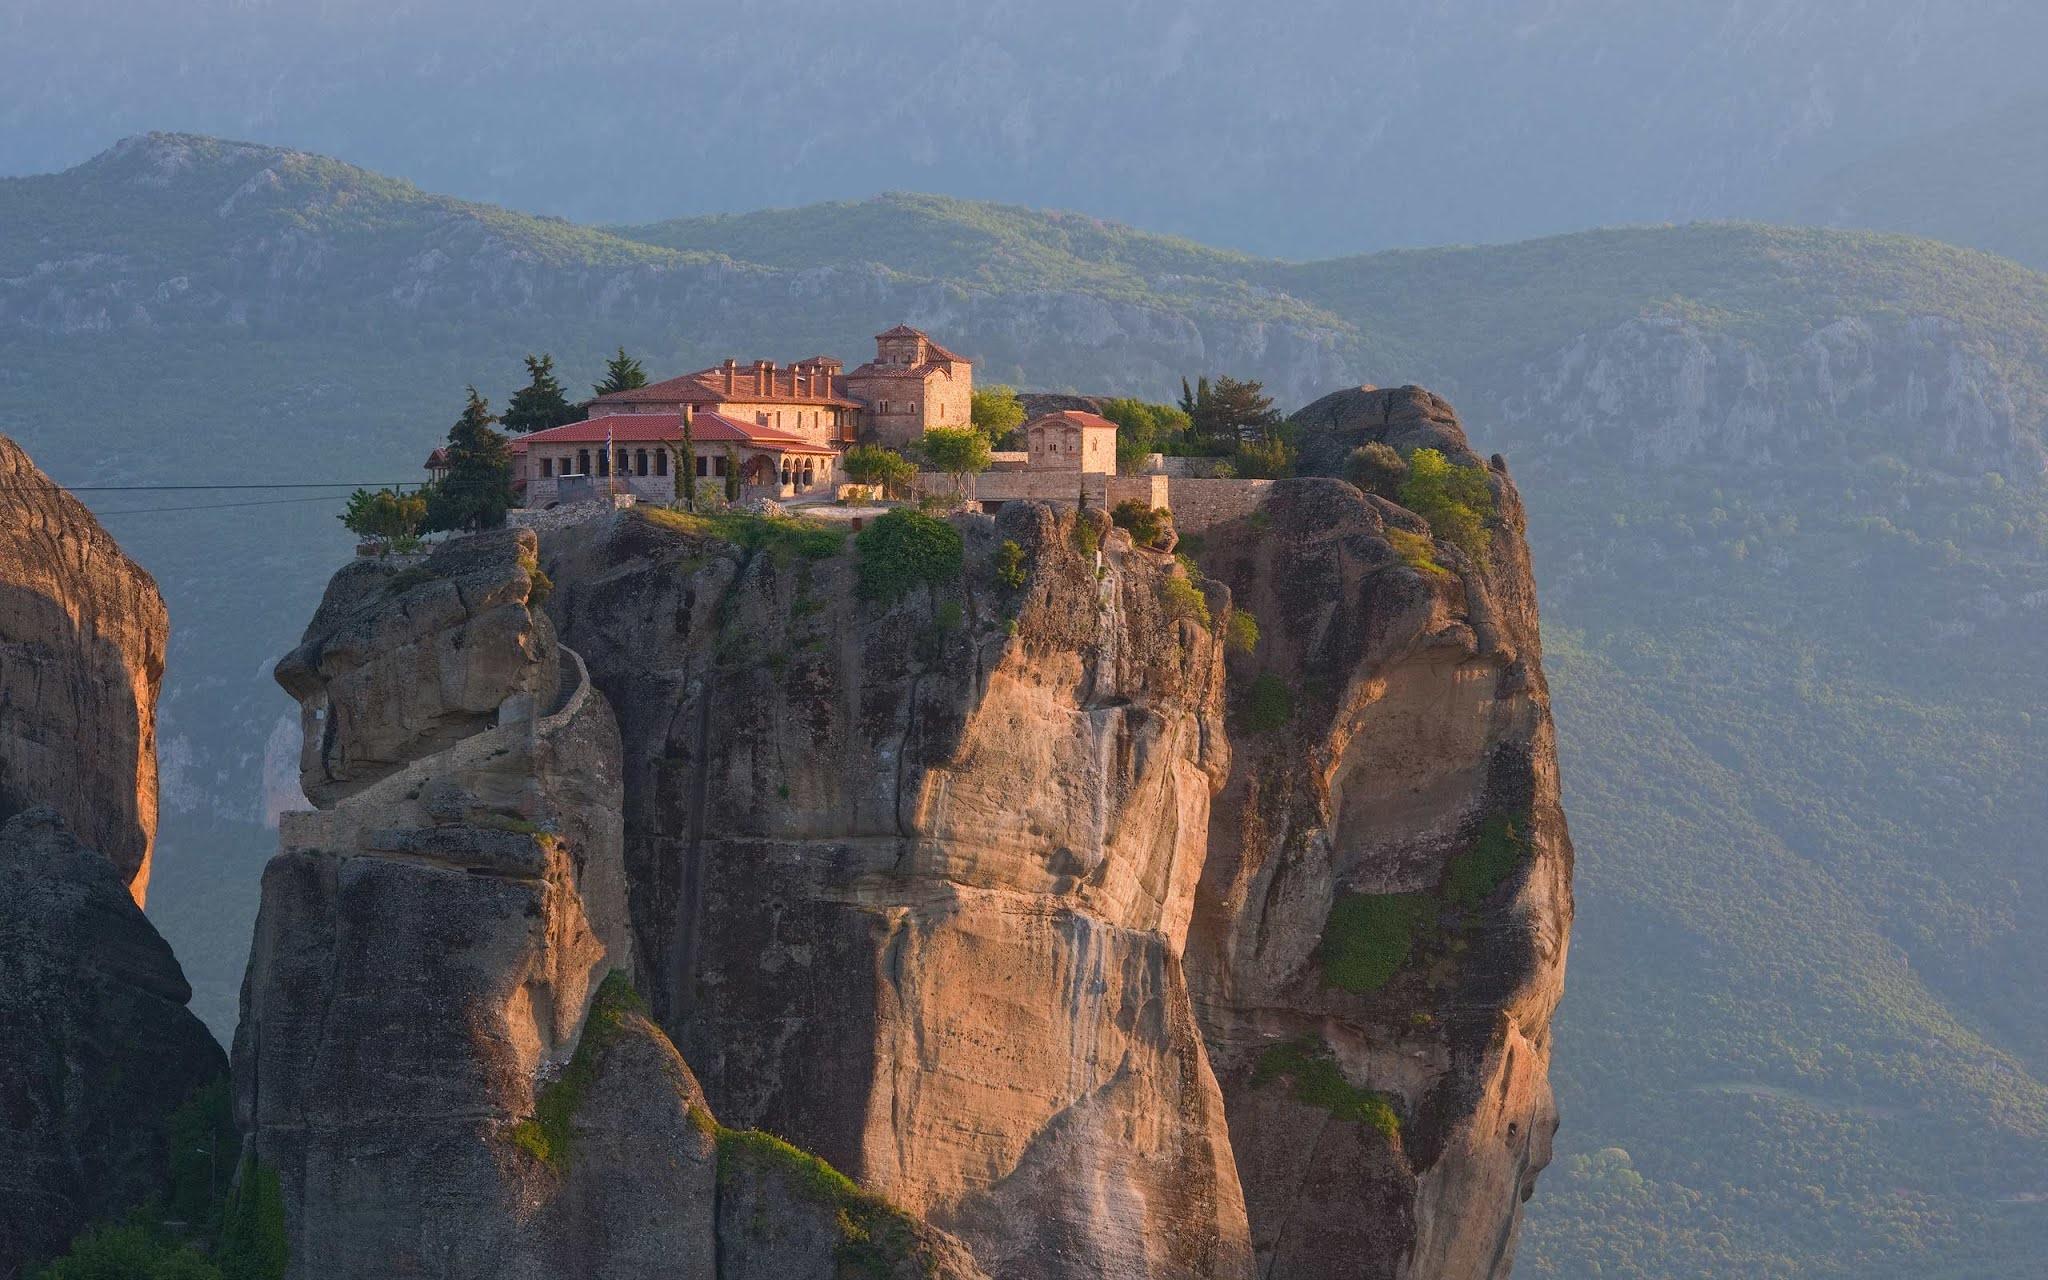 Монастырь Святой Троицы в Греции, Монастыри Метеоры